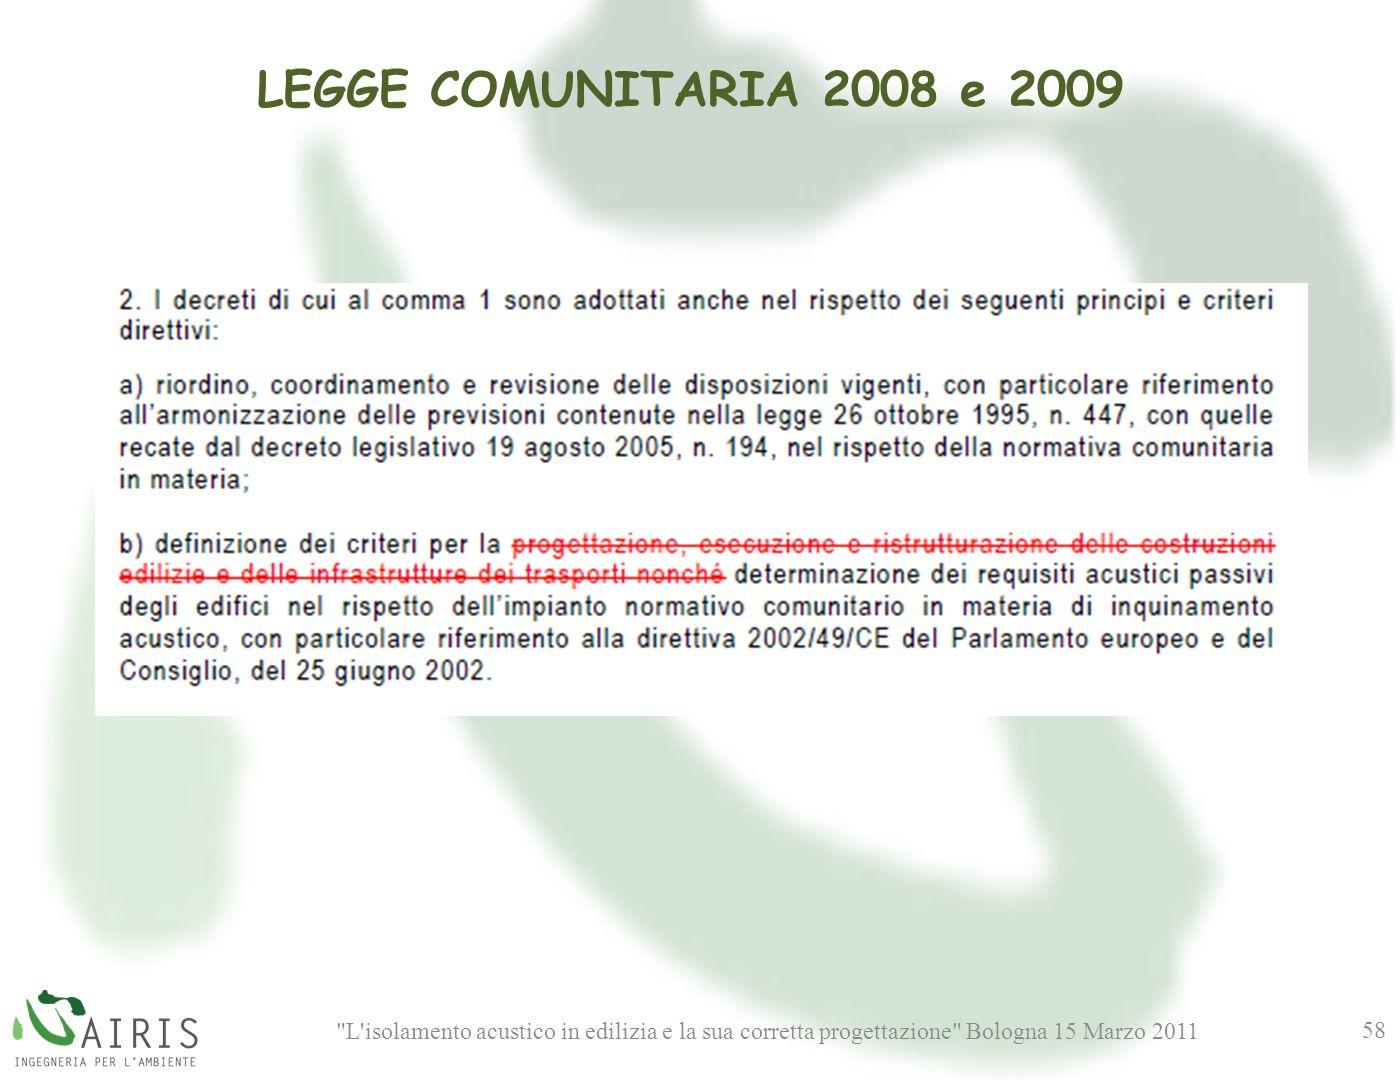 L isolamento acustico in edilizia e la sua corretta progettazione Bologna 15 Marzo 2011 58 LEGGE COMUNITARIA 2008 e 2009